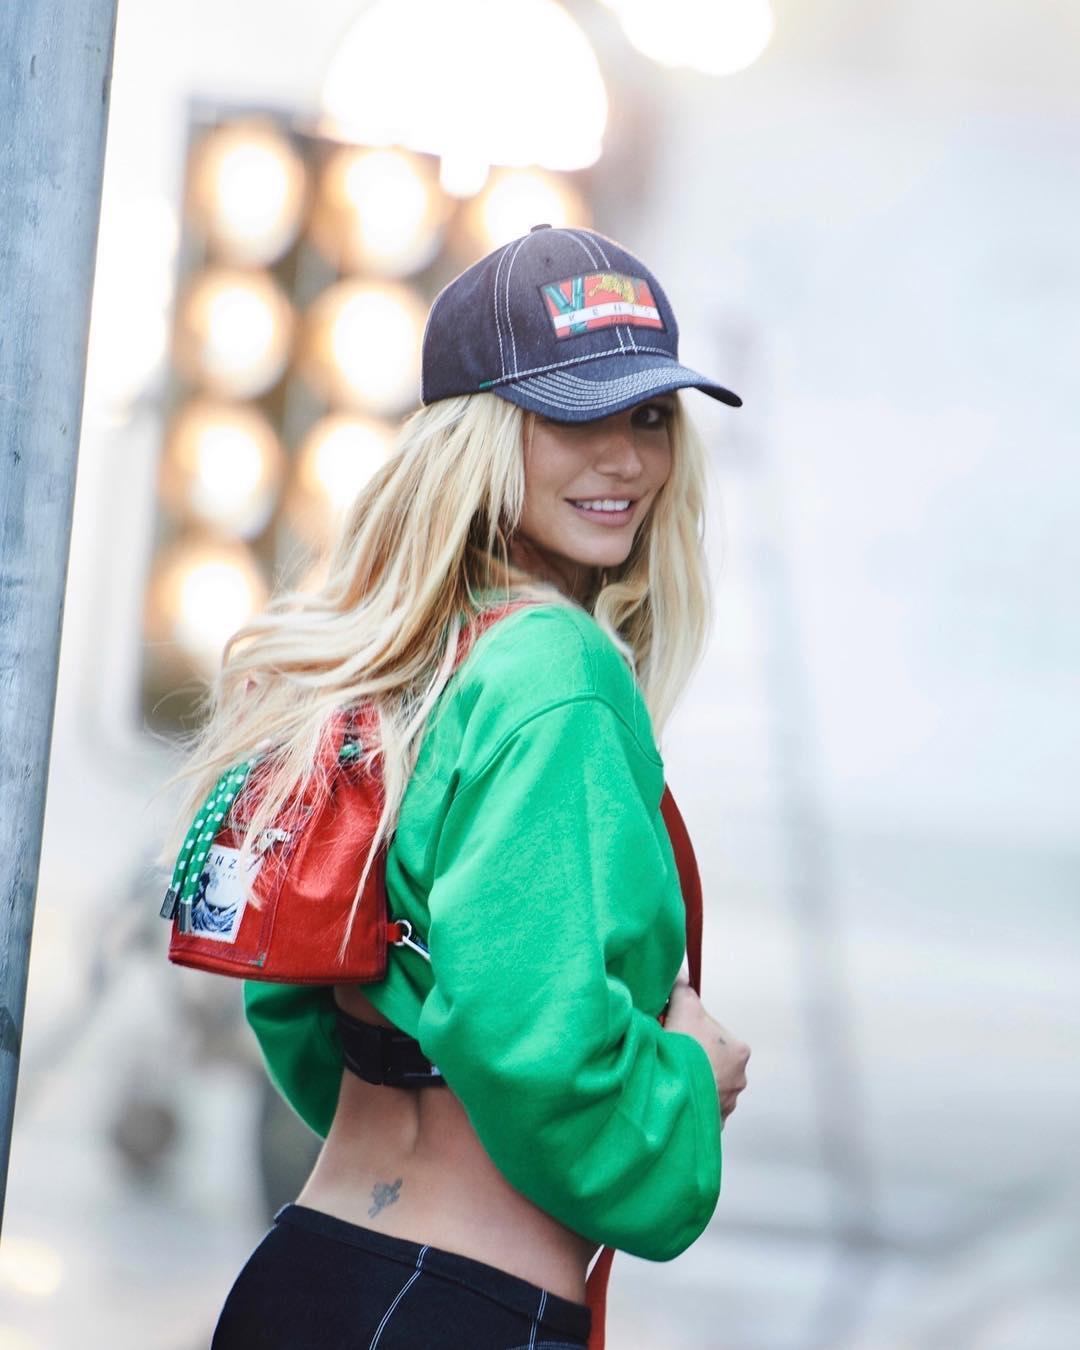 Novas imagens de Britney Spears dão a conhecer os resultados de meses de treinos físicos intensos. Há até quem não reconheça a cantora.